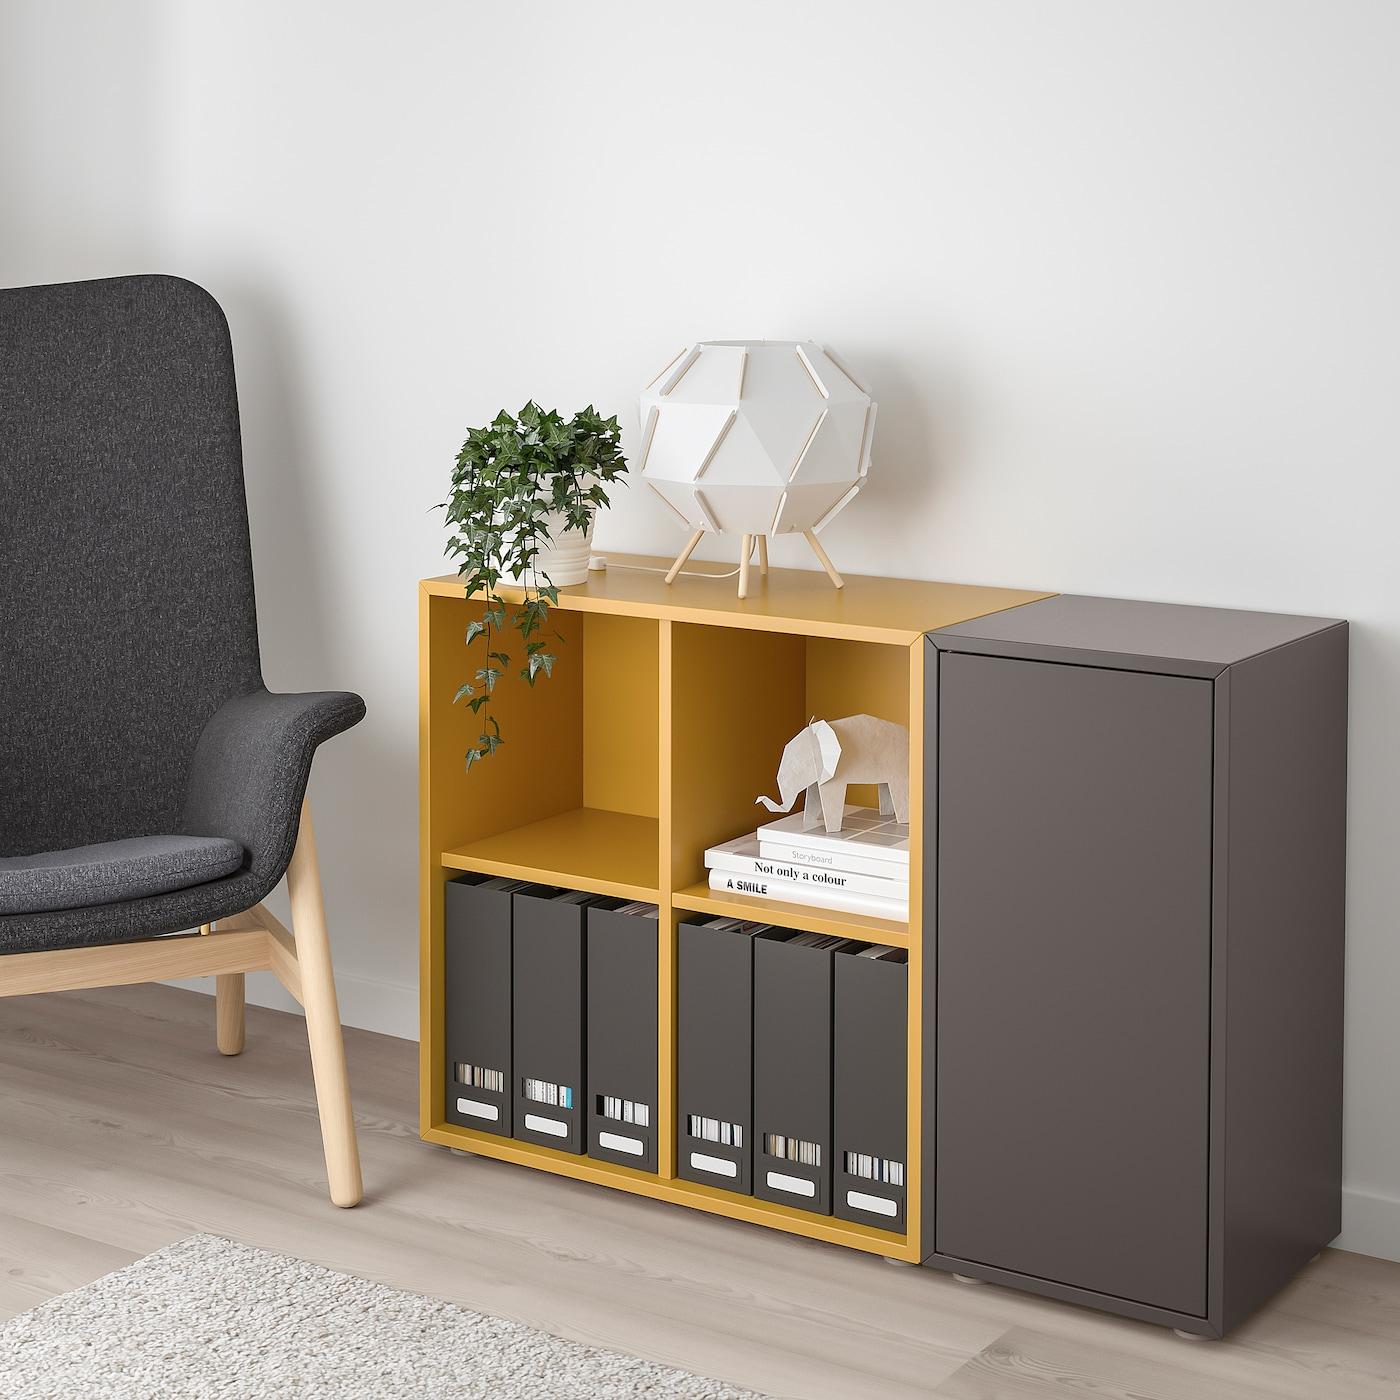 EKET Combinaison rangement avec pieds, gris foncé/brun doré, 105x35x72 cm